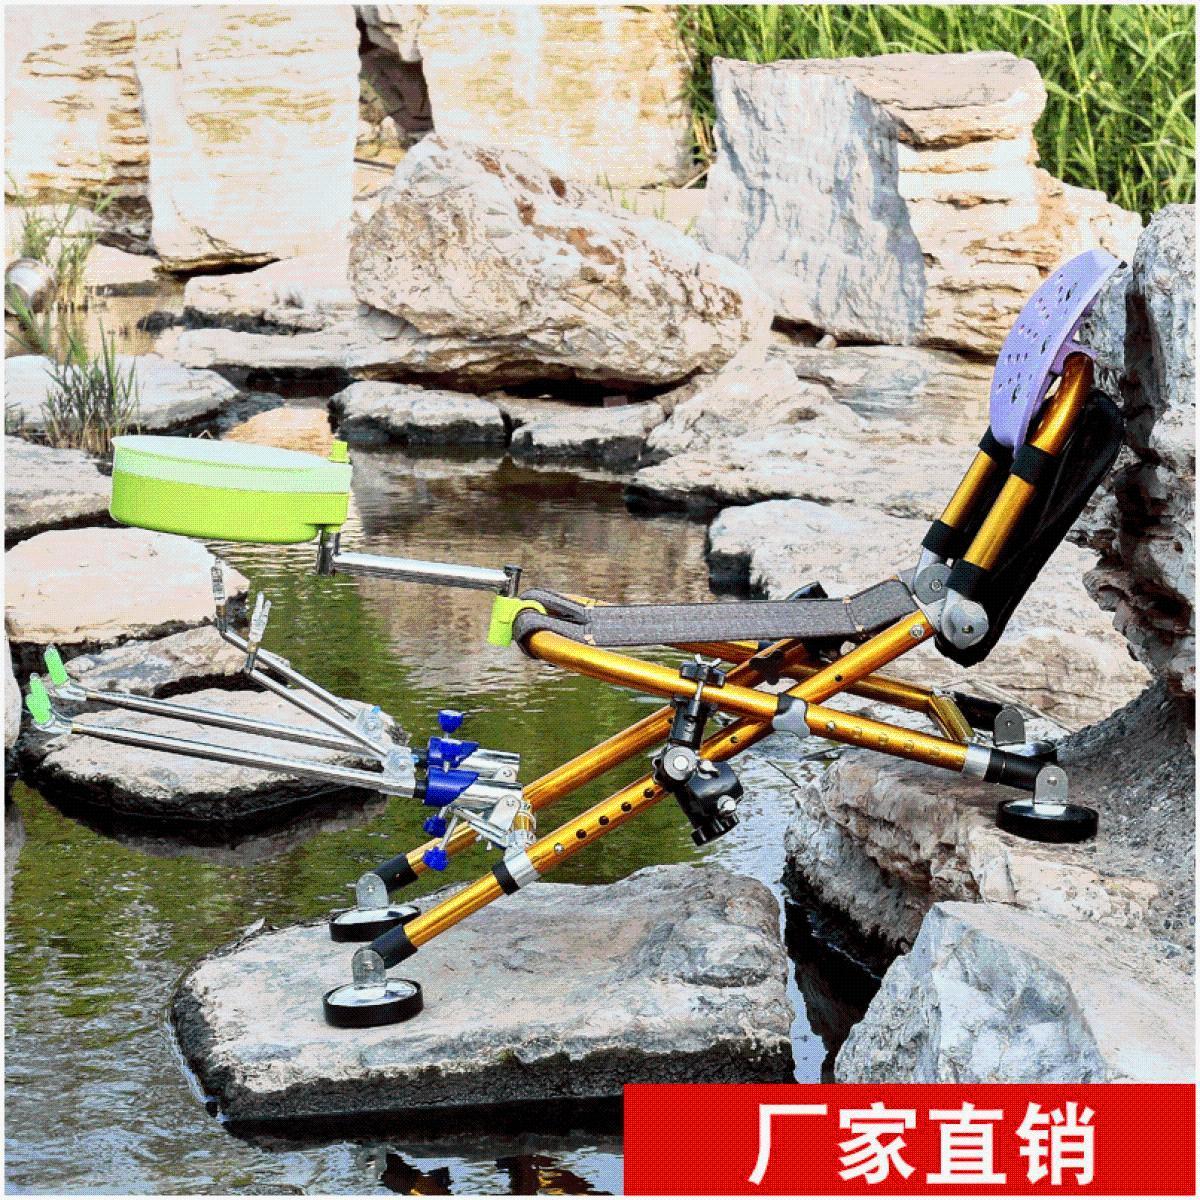 迷你钓椅新款钓椅折叠座椅小号多功能钓鱼椅凳全地形便携伸缩腿可